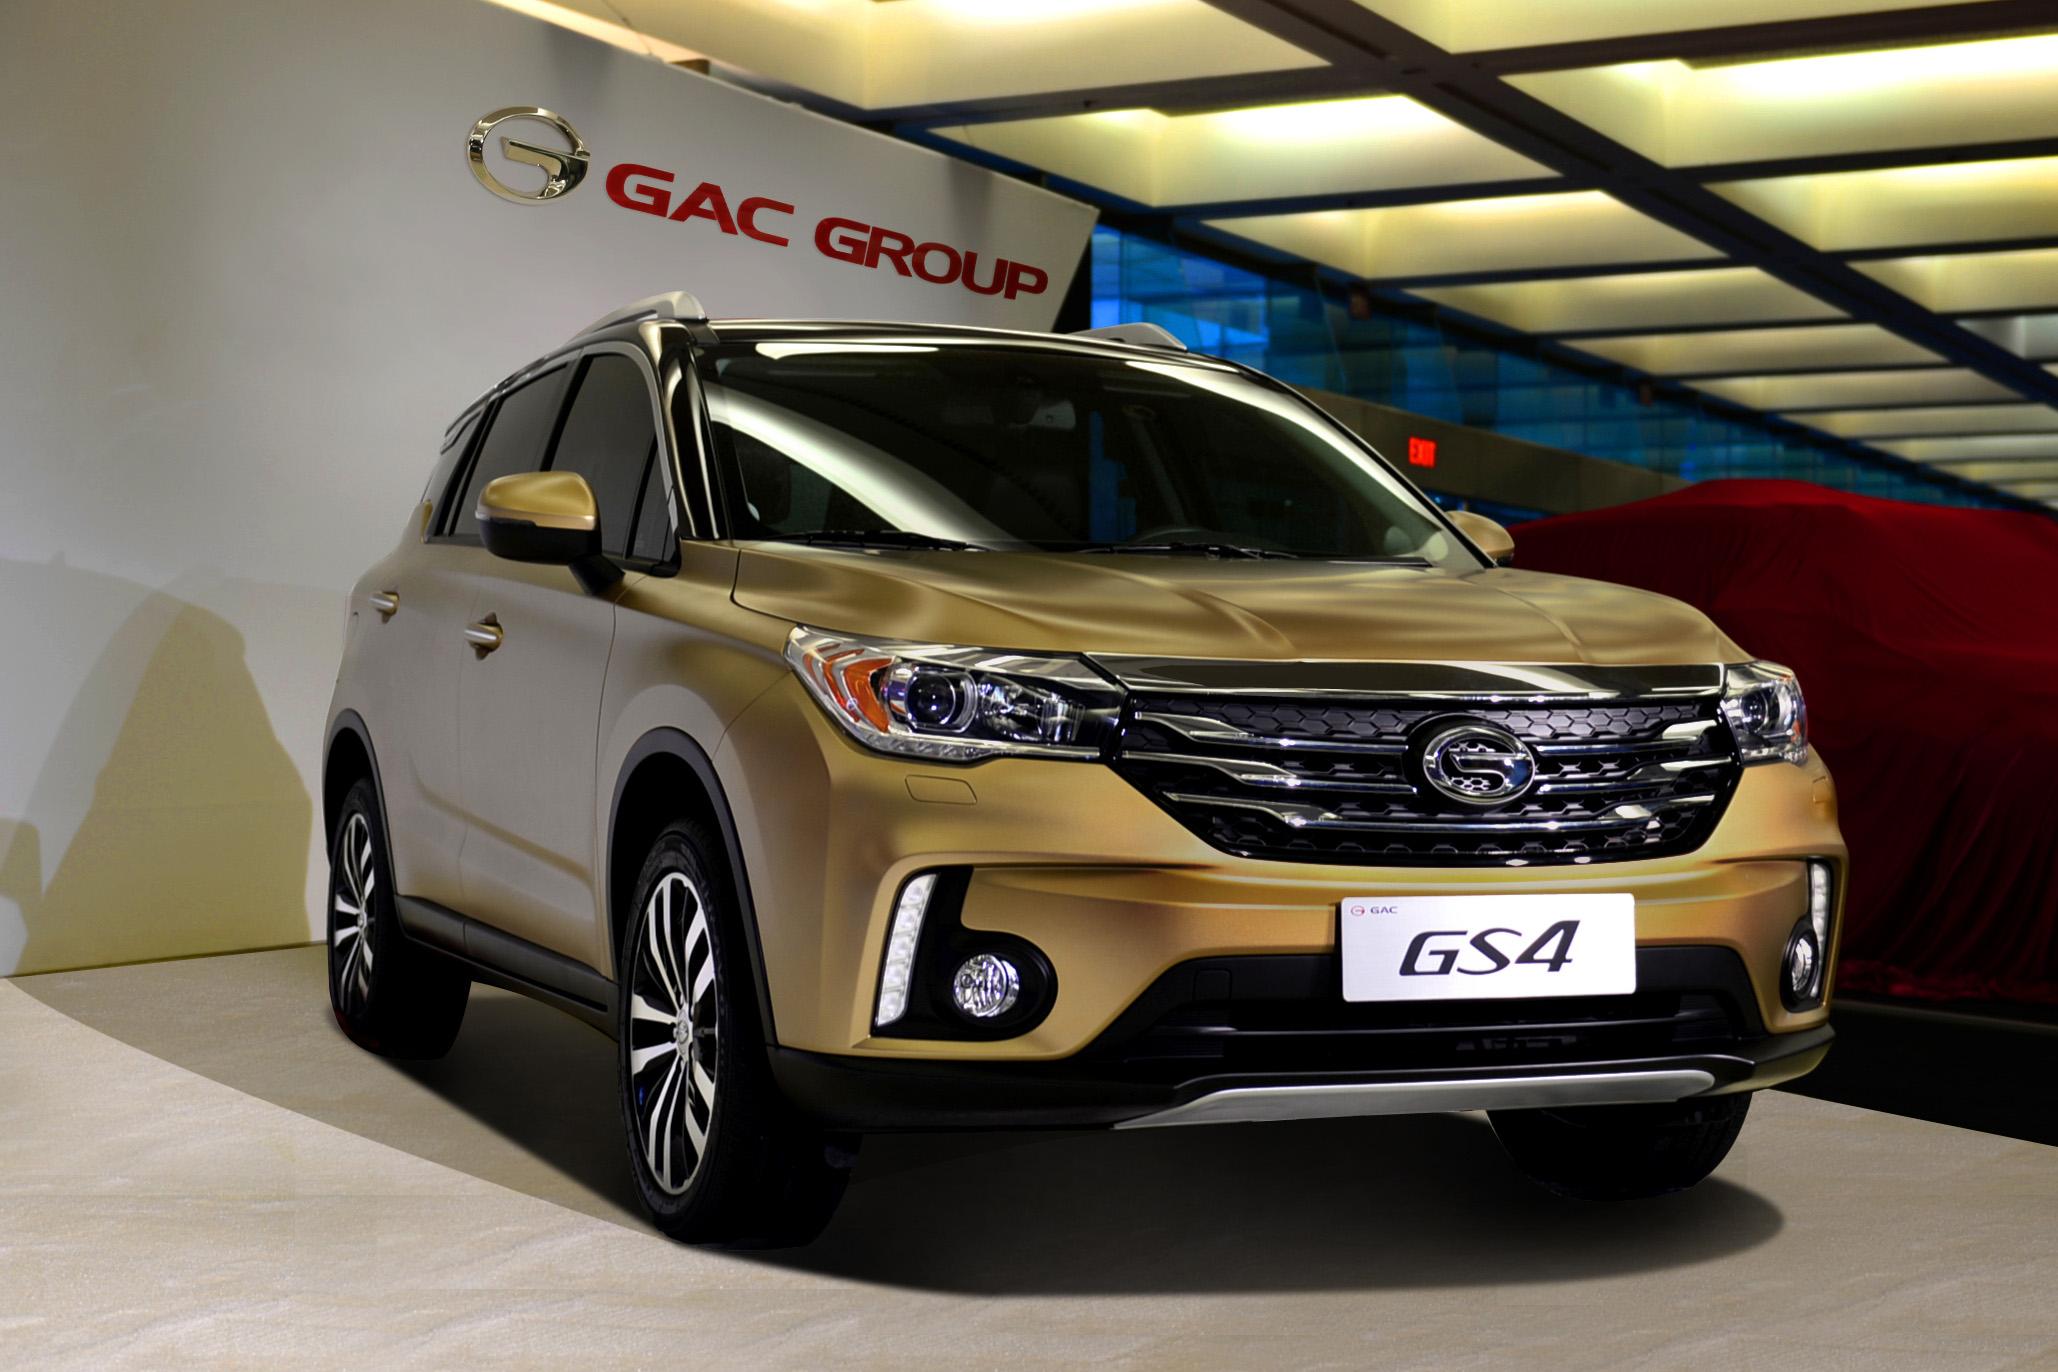 O SUV GS4, um dos lançamentos recentes da GAC Motors